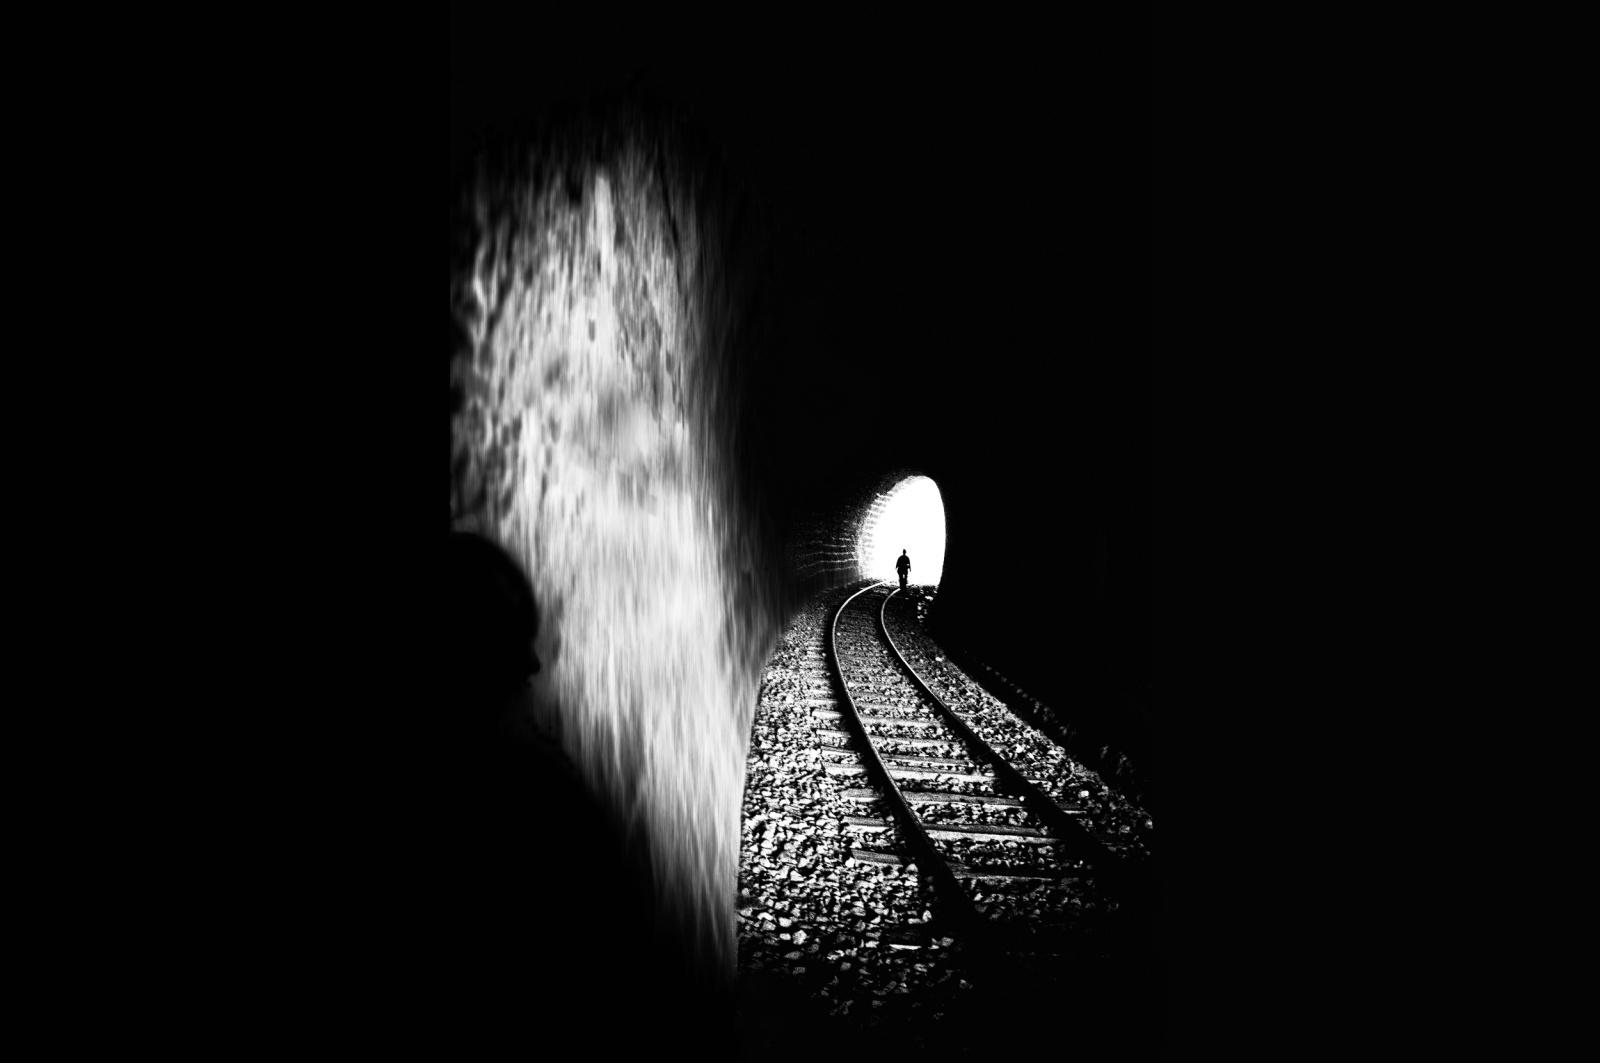 01. Psycho Killer - Lui era nel buio. Da molto tempo. Forse, da sempre. Ovunque fosse, ovunque si trovasse, Lui passava inosservato. Lui non era. Lui era il buio. Ogni giorno percorreva il tunnel delle sue ossessioni, verso quella macchia di luce lontana, intensa e irraggiungibile. E dentro quella luce, tutto un mondo, fatto di vite, di storie, di emozioni e di amori. Un mondo che intuiva, che a volte percepiva ma, sapeva, essergli precluso. I binari del suo incubo lo costringevano a muoversi in un'unica direzione. Ogni giorno, il suo stato, il suo dolore, i suoi pensieri, lo portavano ad ingurgitare grandi quantità di pece, di pece nera, densa e rovente, che gli bruciava il cuore e gli invischiava la mente. Sapeva chi era ma, soprattutto, sapeva di non essere. Aveva un solo modo per uscire dal profondo, opprimente buio che riempiva la sua esistenza, anche se per pochi istanti, per trasfondersi in quel mondo estraneo, ostile, ma desiderato. E, quando l'incendio dei suoi tormenti, bruciava e consumava le sue ultime resistenze, sapeva che doveva agire, sapeva che doveva varcare quel limite, quel confine, che separano la luce dal buio. Era in quelle vite, fatte di luce, che doveva entrare. Solo così sarebbe stato considerato, solo così sarebbe esistito. Lui voleva essere. 2010 ©renépiras  To be continued...